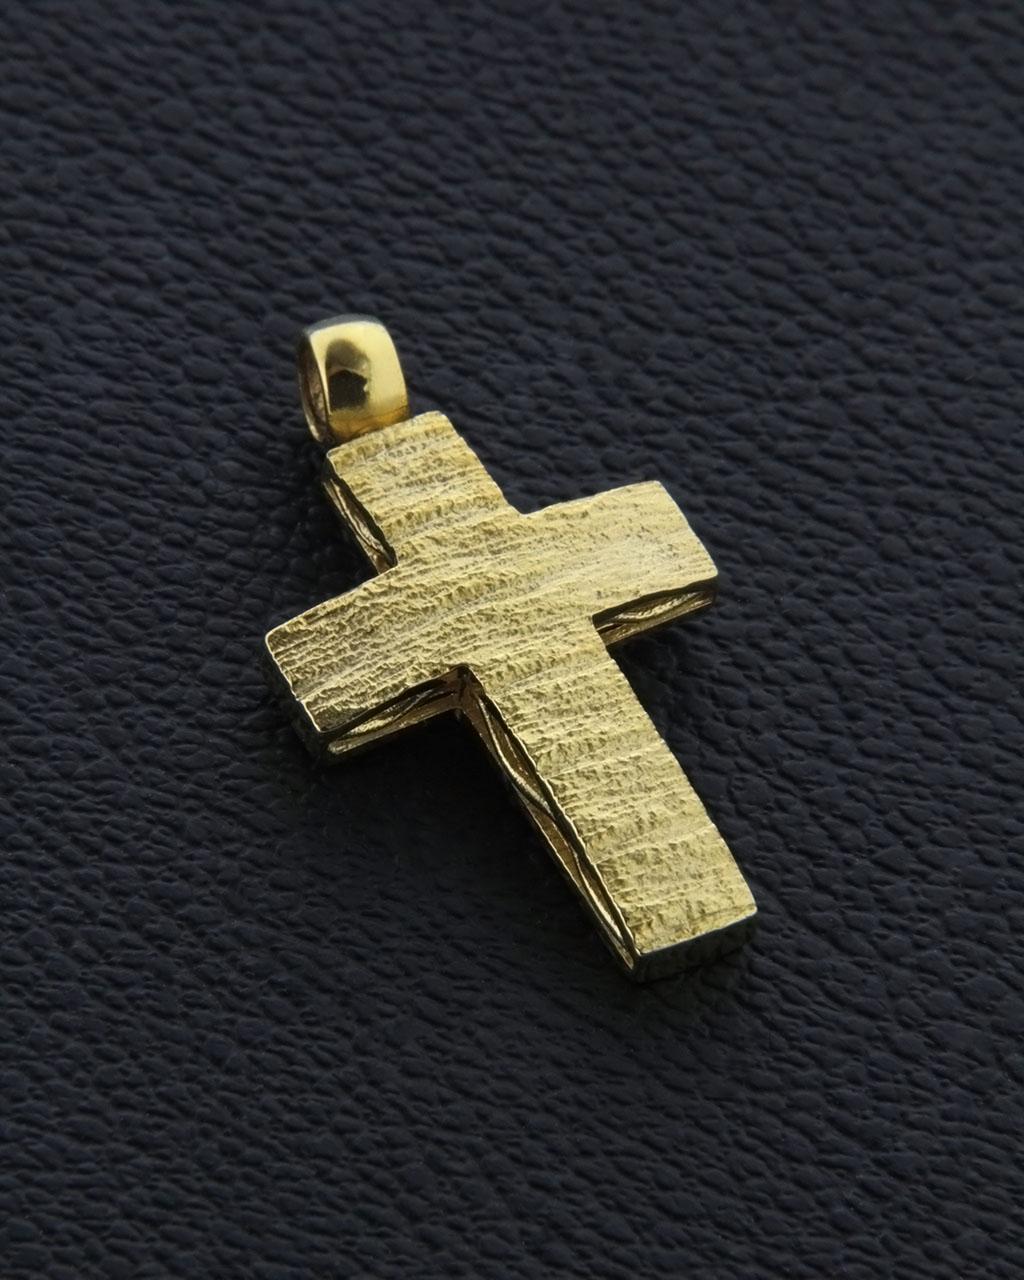 Σταυρός βάπτισης χρυσός Κ14   παιδι βαπτιστικοί σταυροί βαπτιστικοί σταυροί για αγόρι